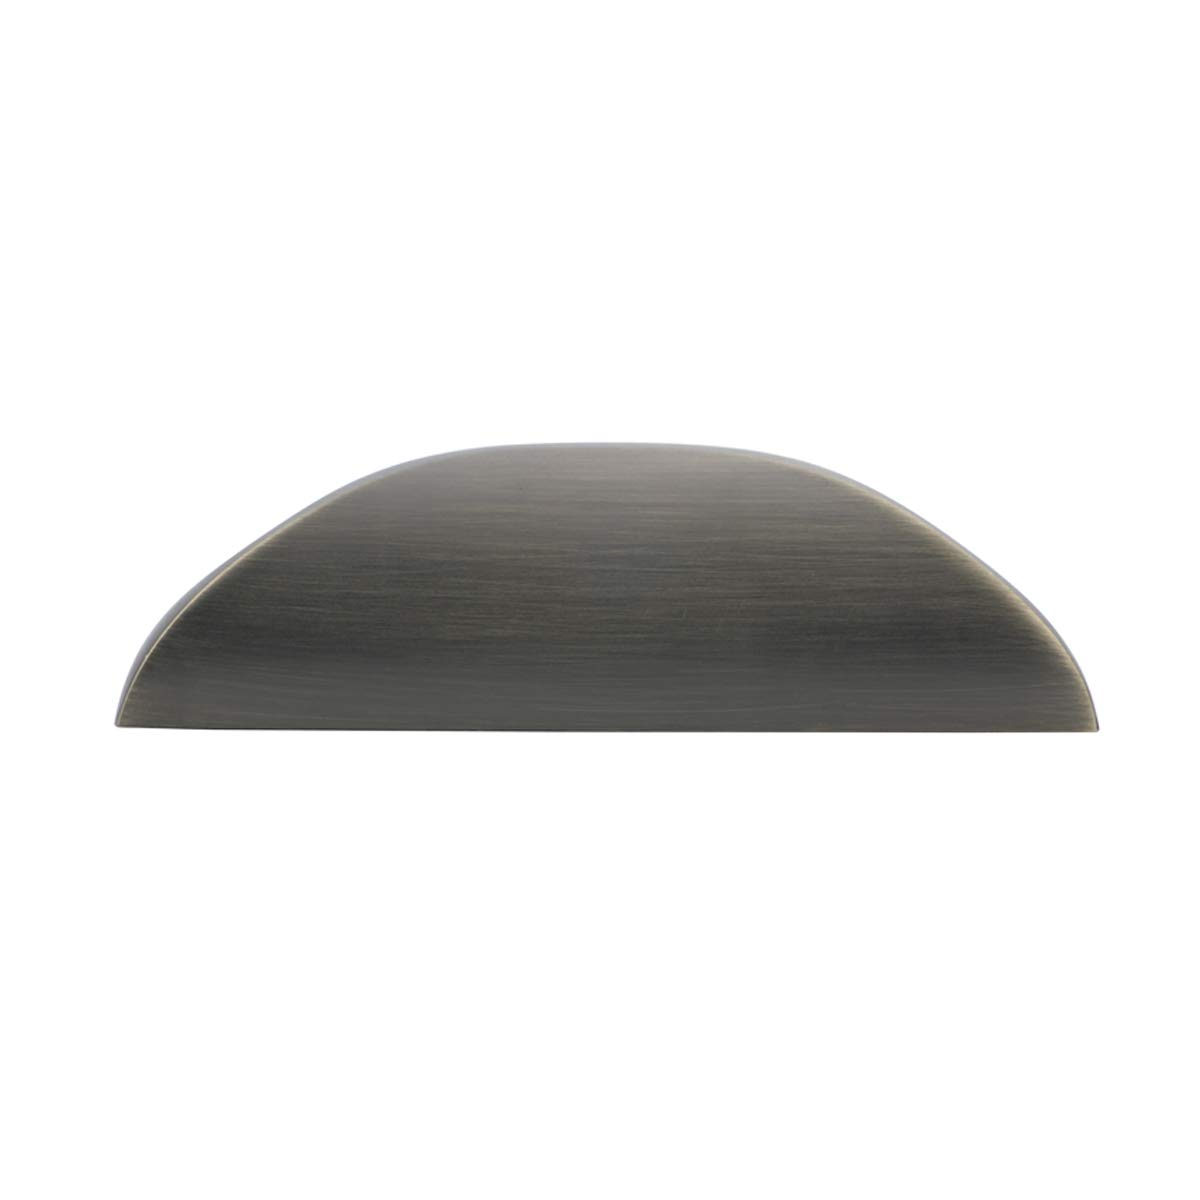 ottone spazzolato moderna Maniglia a dito distanza foro dal centro: 3,2 cm Basics confezione da 10 7,8 cm di lunghezza